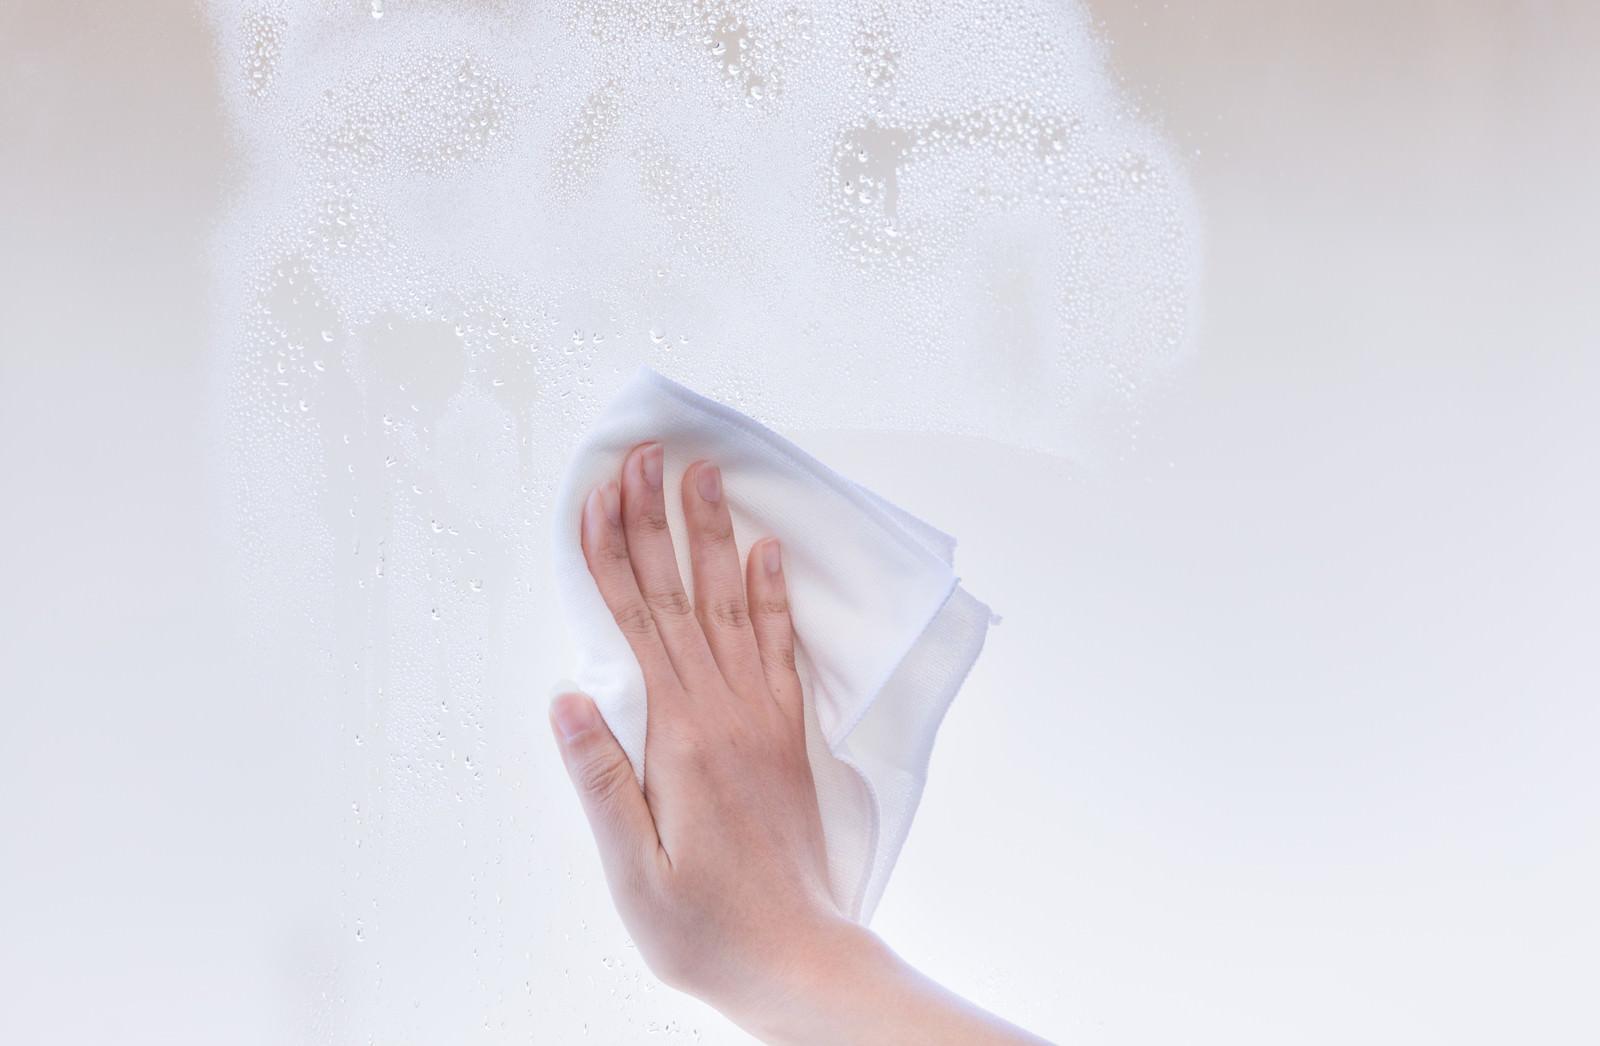 「窓を乾拭きする様子」の写真